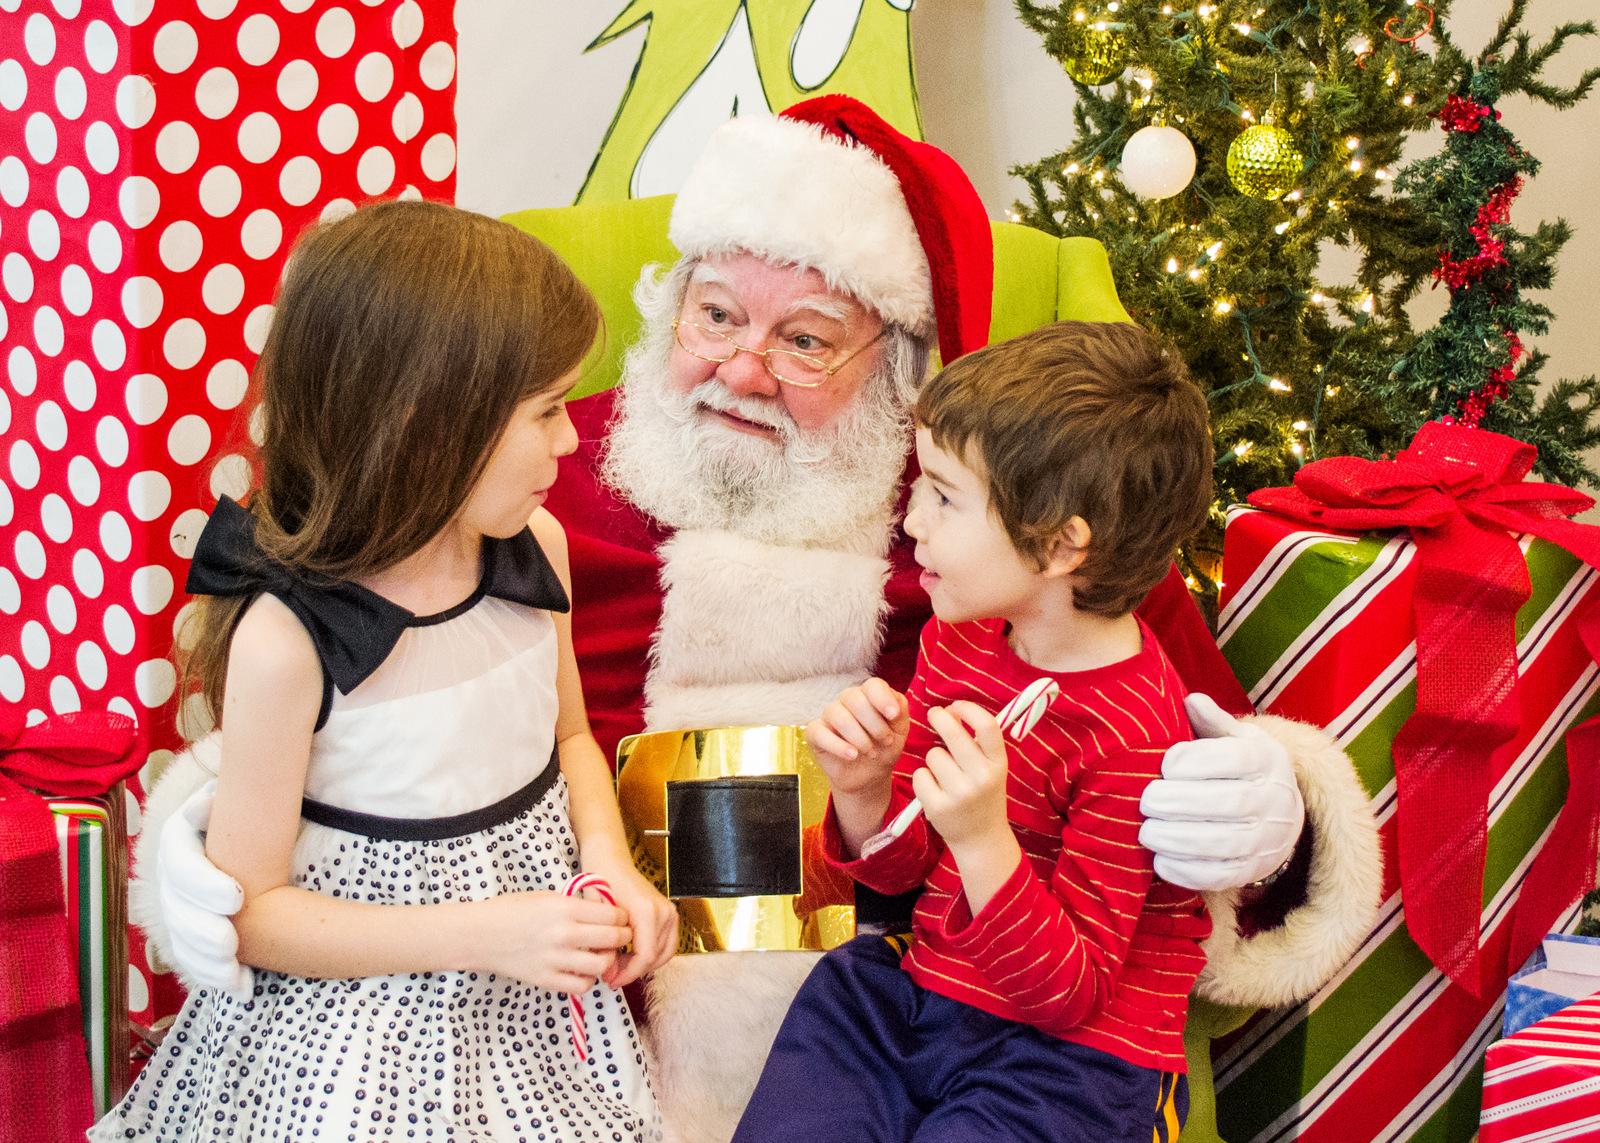 Grays Harbor Fairgrounds Christmas Bazaar 2020 2019 Holiday Activities in Grays Harbor County   GraysHarborTalk